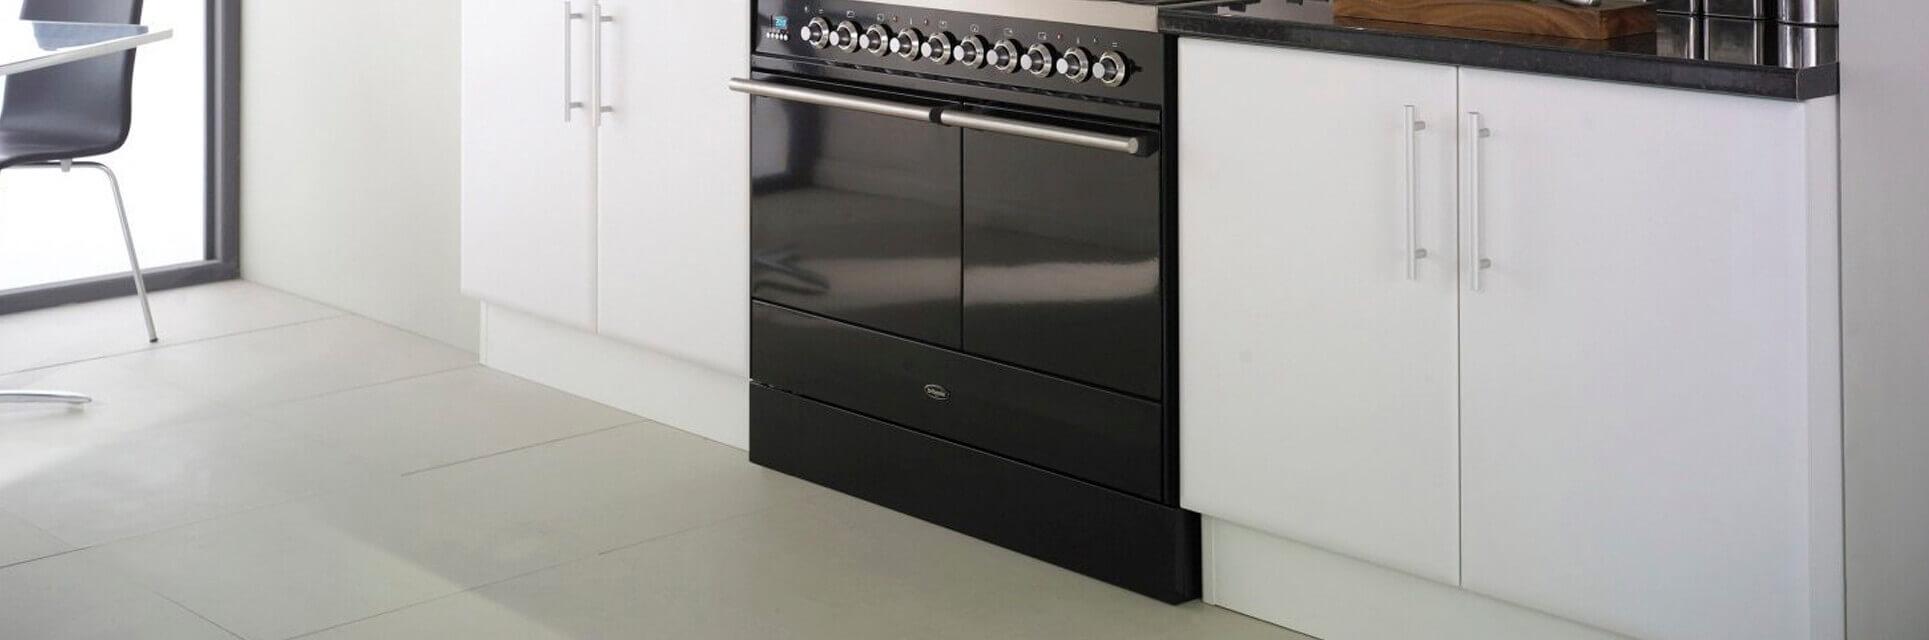 Servicio técnico hornos bosch